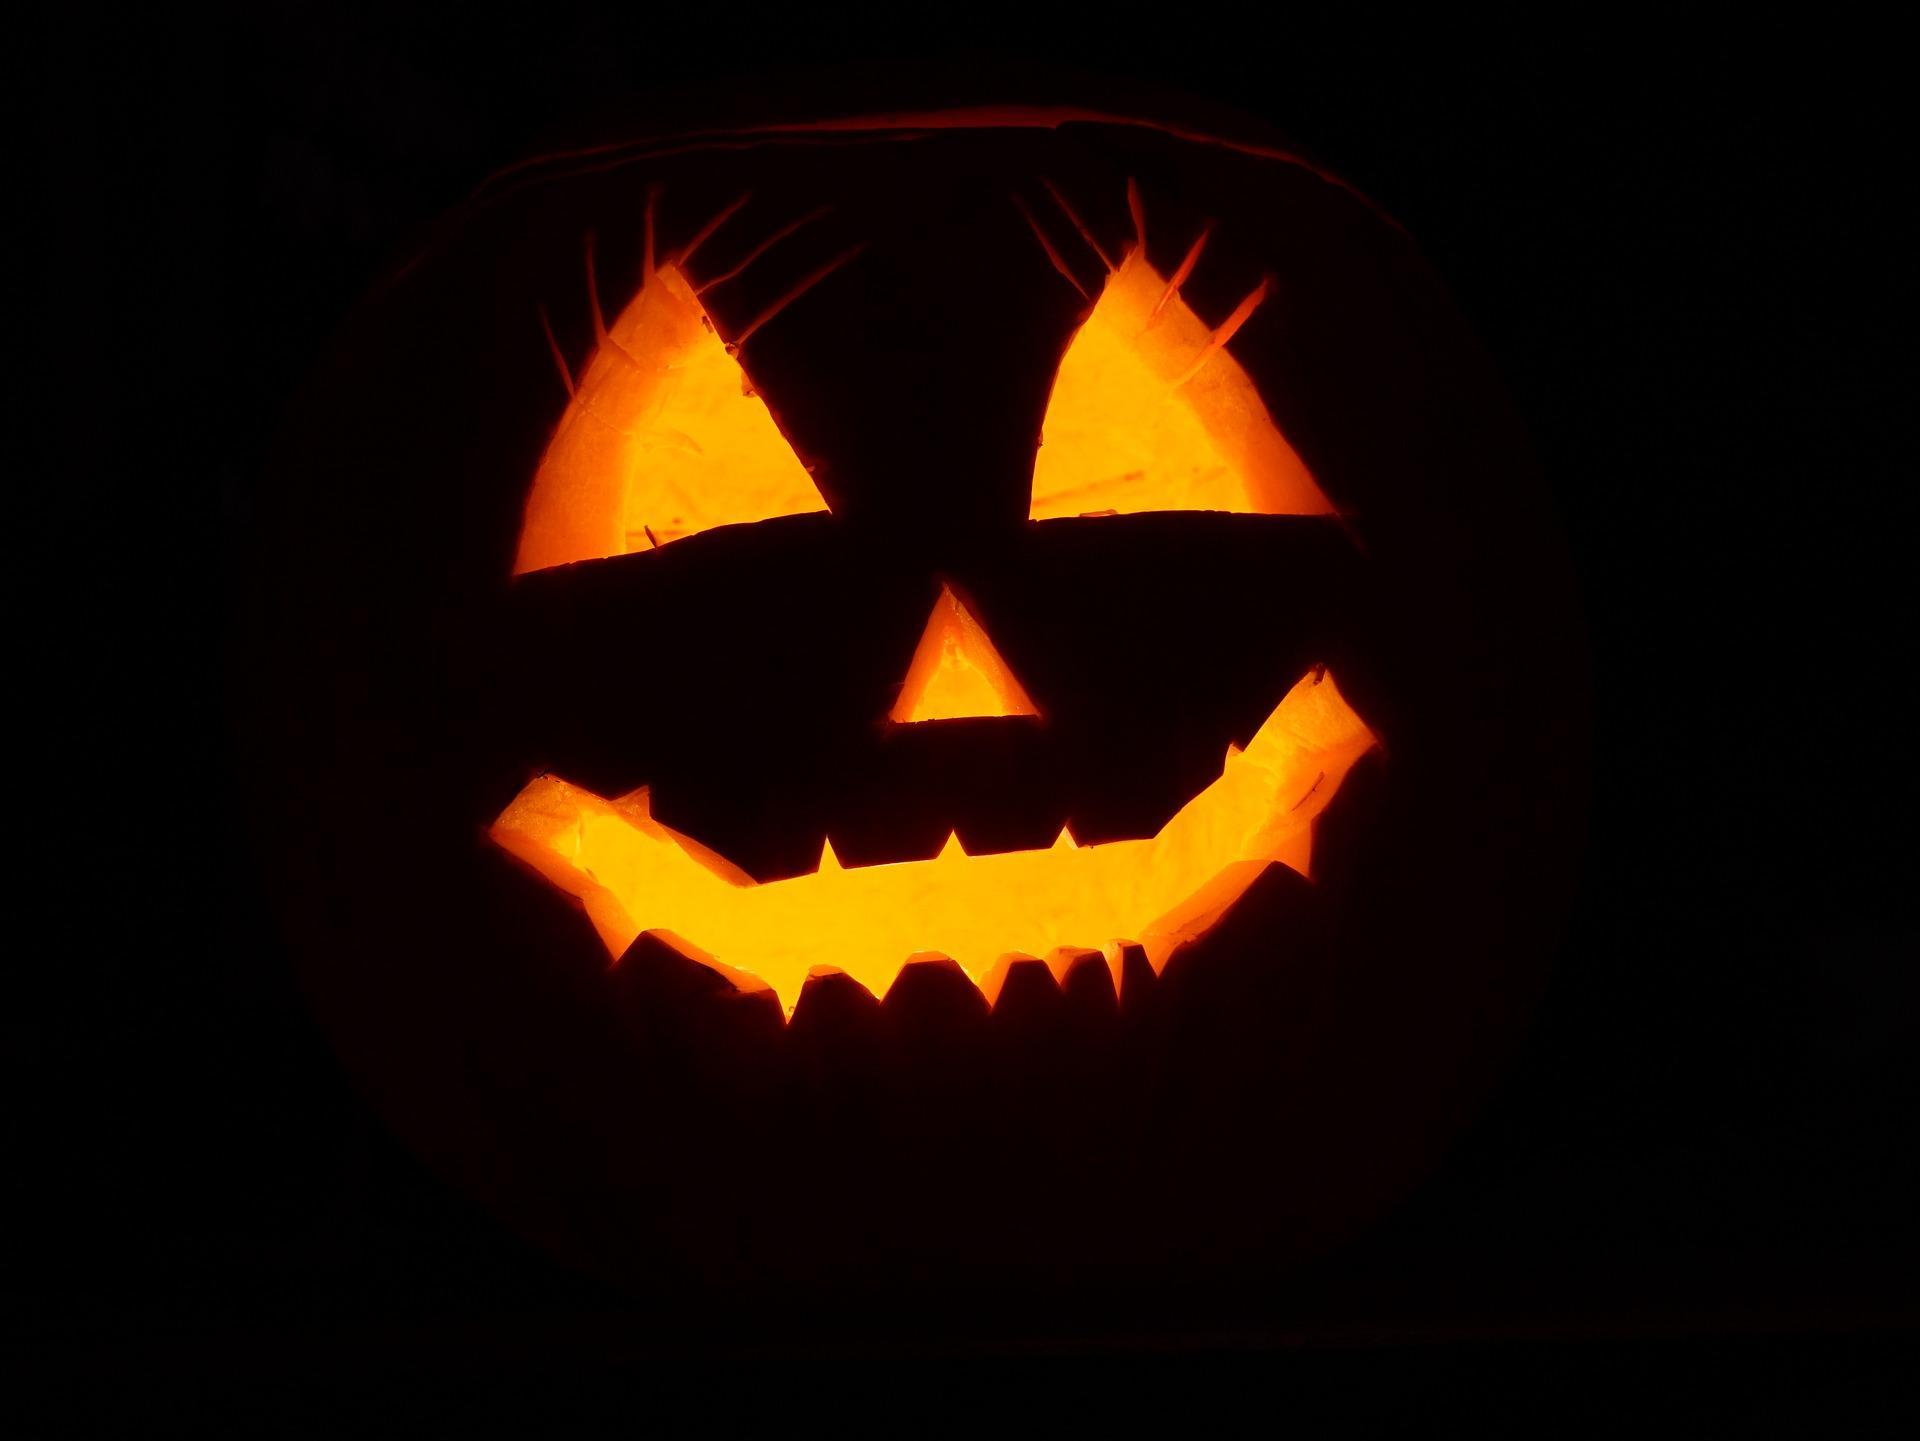 Foto Di Halloween.I 5 Film Horror Da Vedere Nella Notte Di Halloween Radio